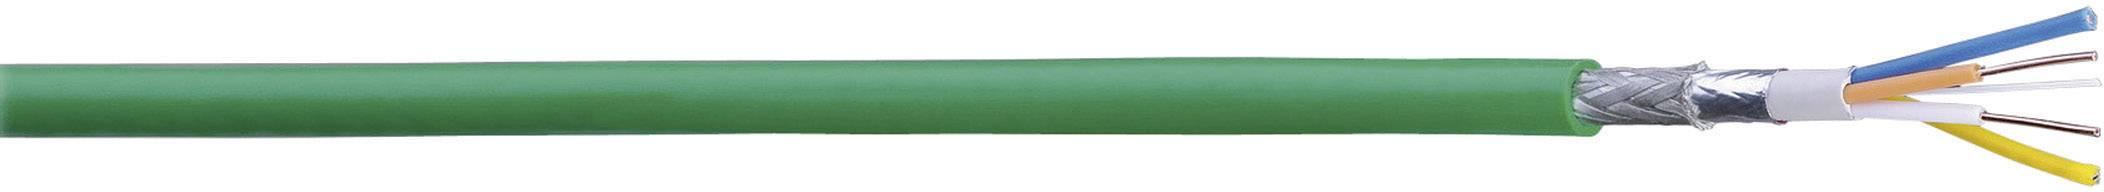 Sběrnicový kabel Belden 70007E.00500, vnější Ø 6.50 mm, zelená, metrové zboží